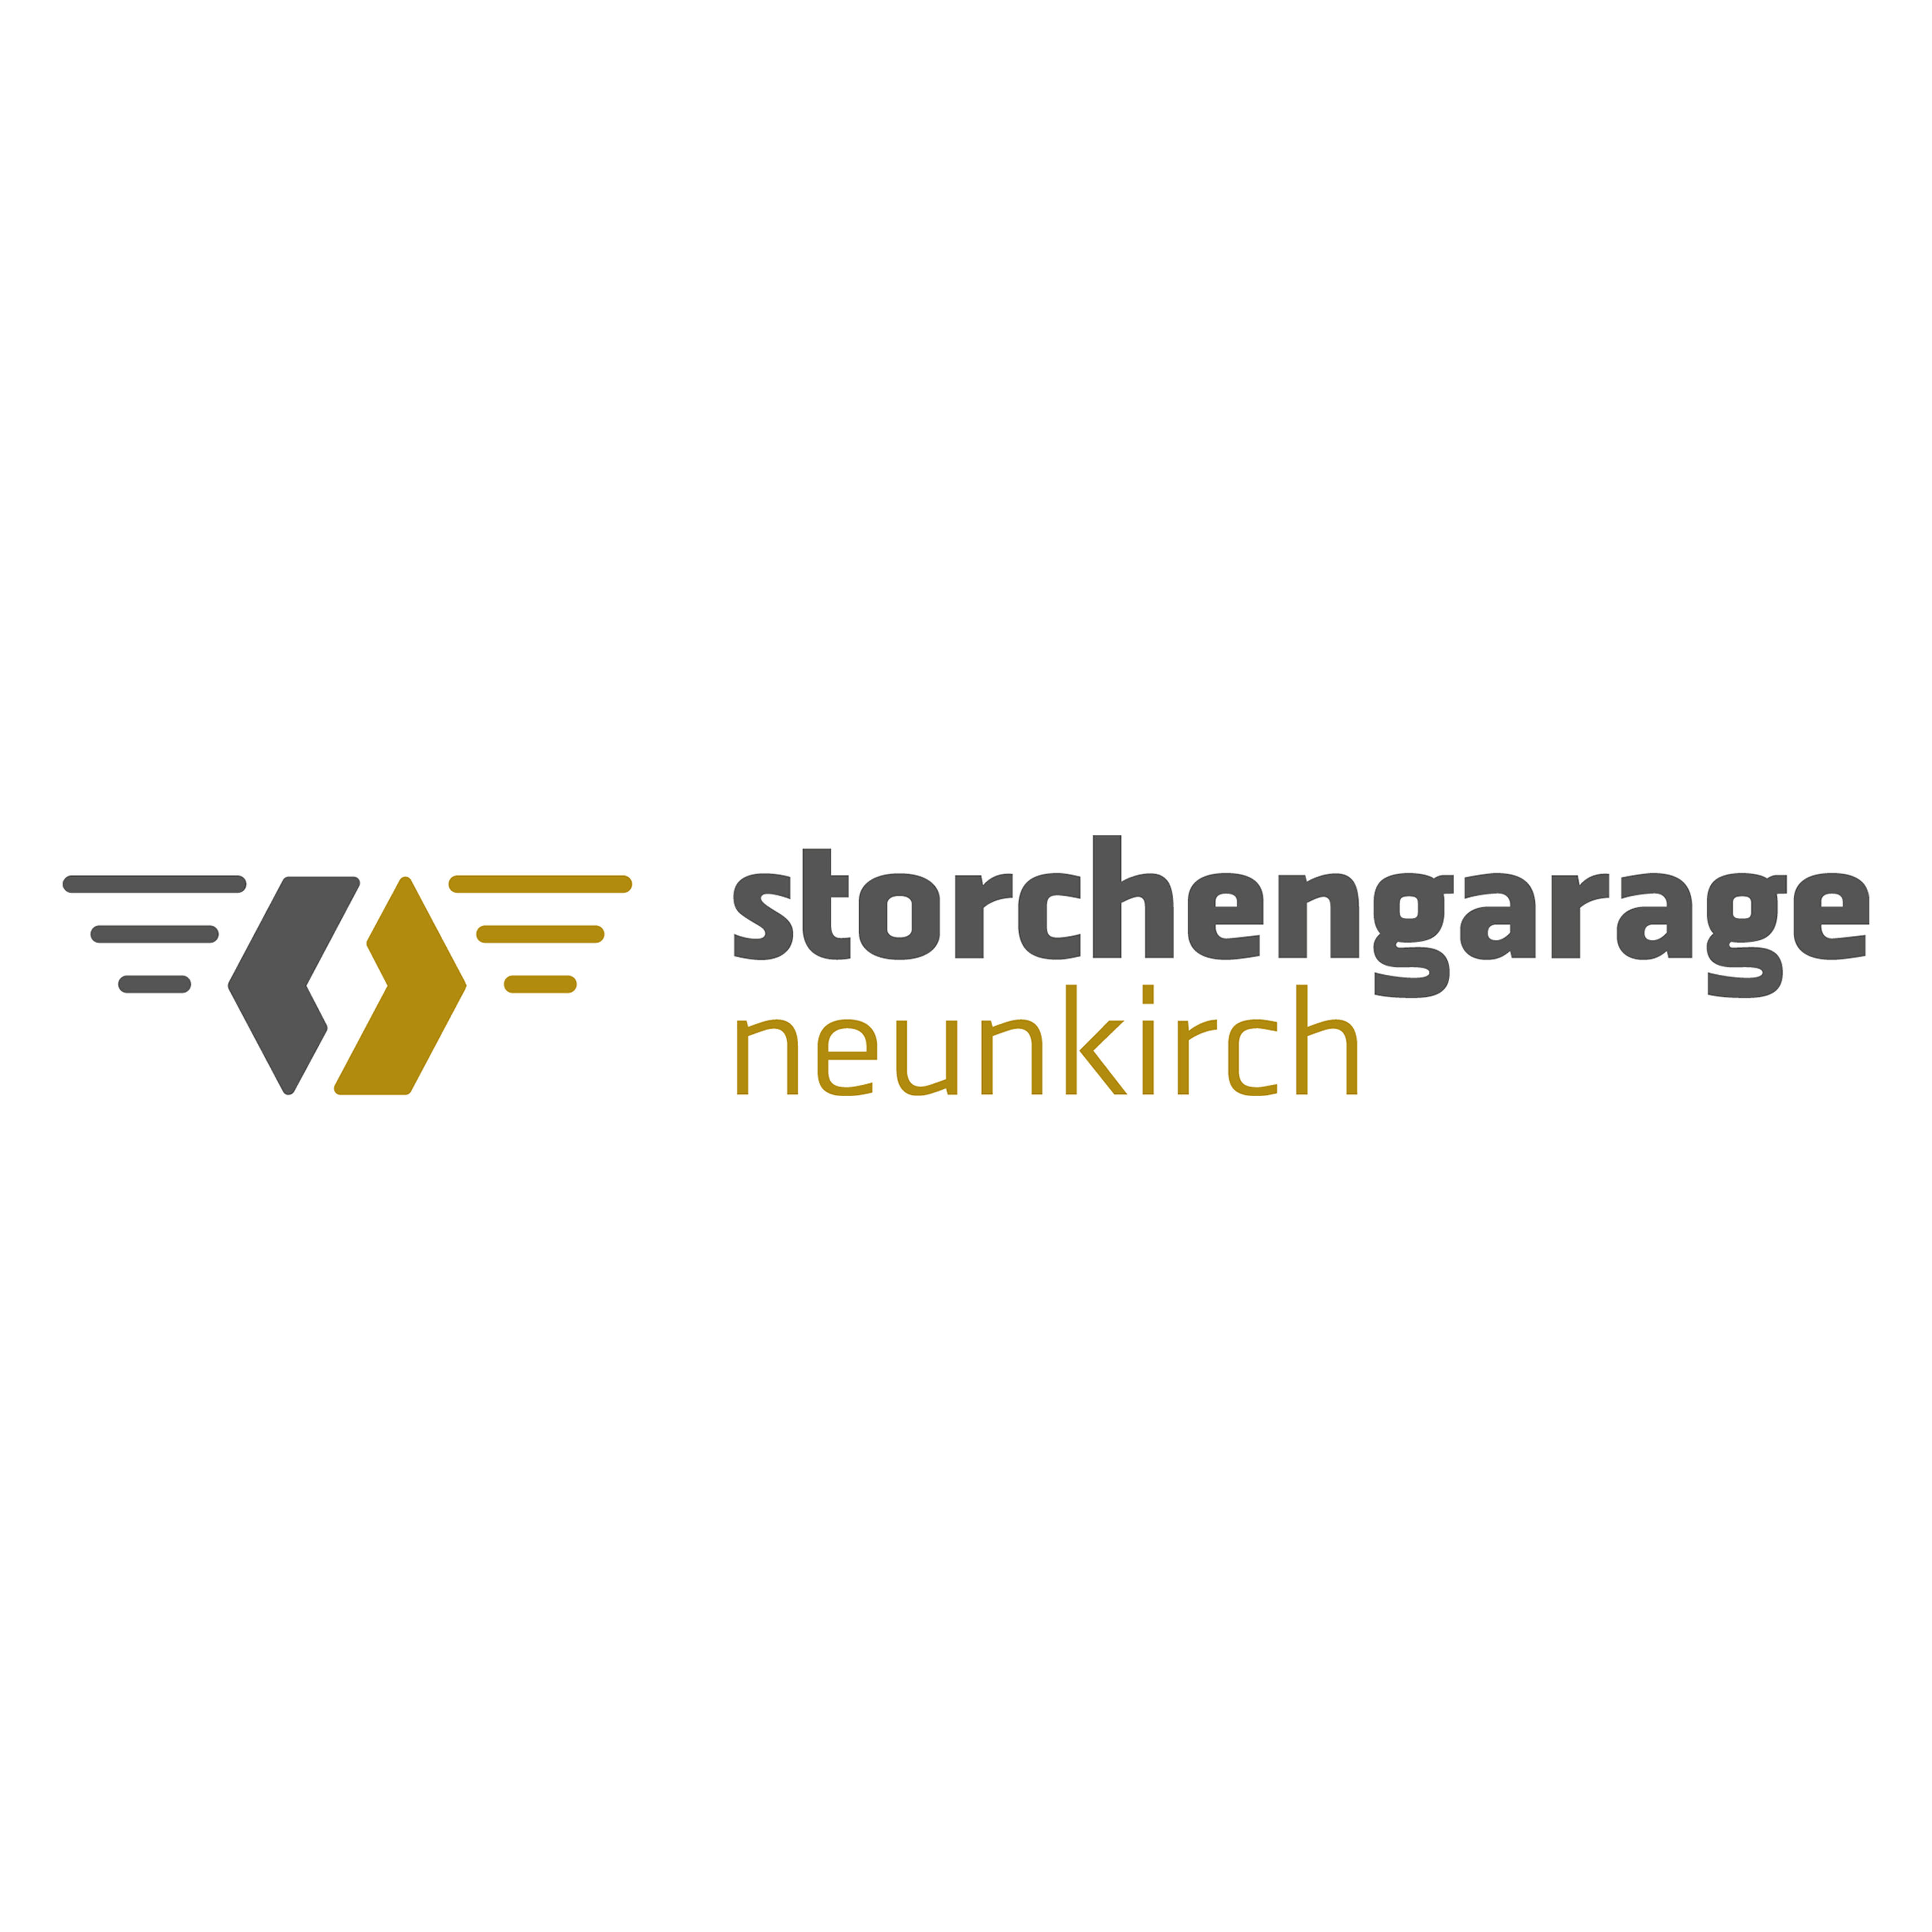 Storchengarage Neunkirch klg